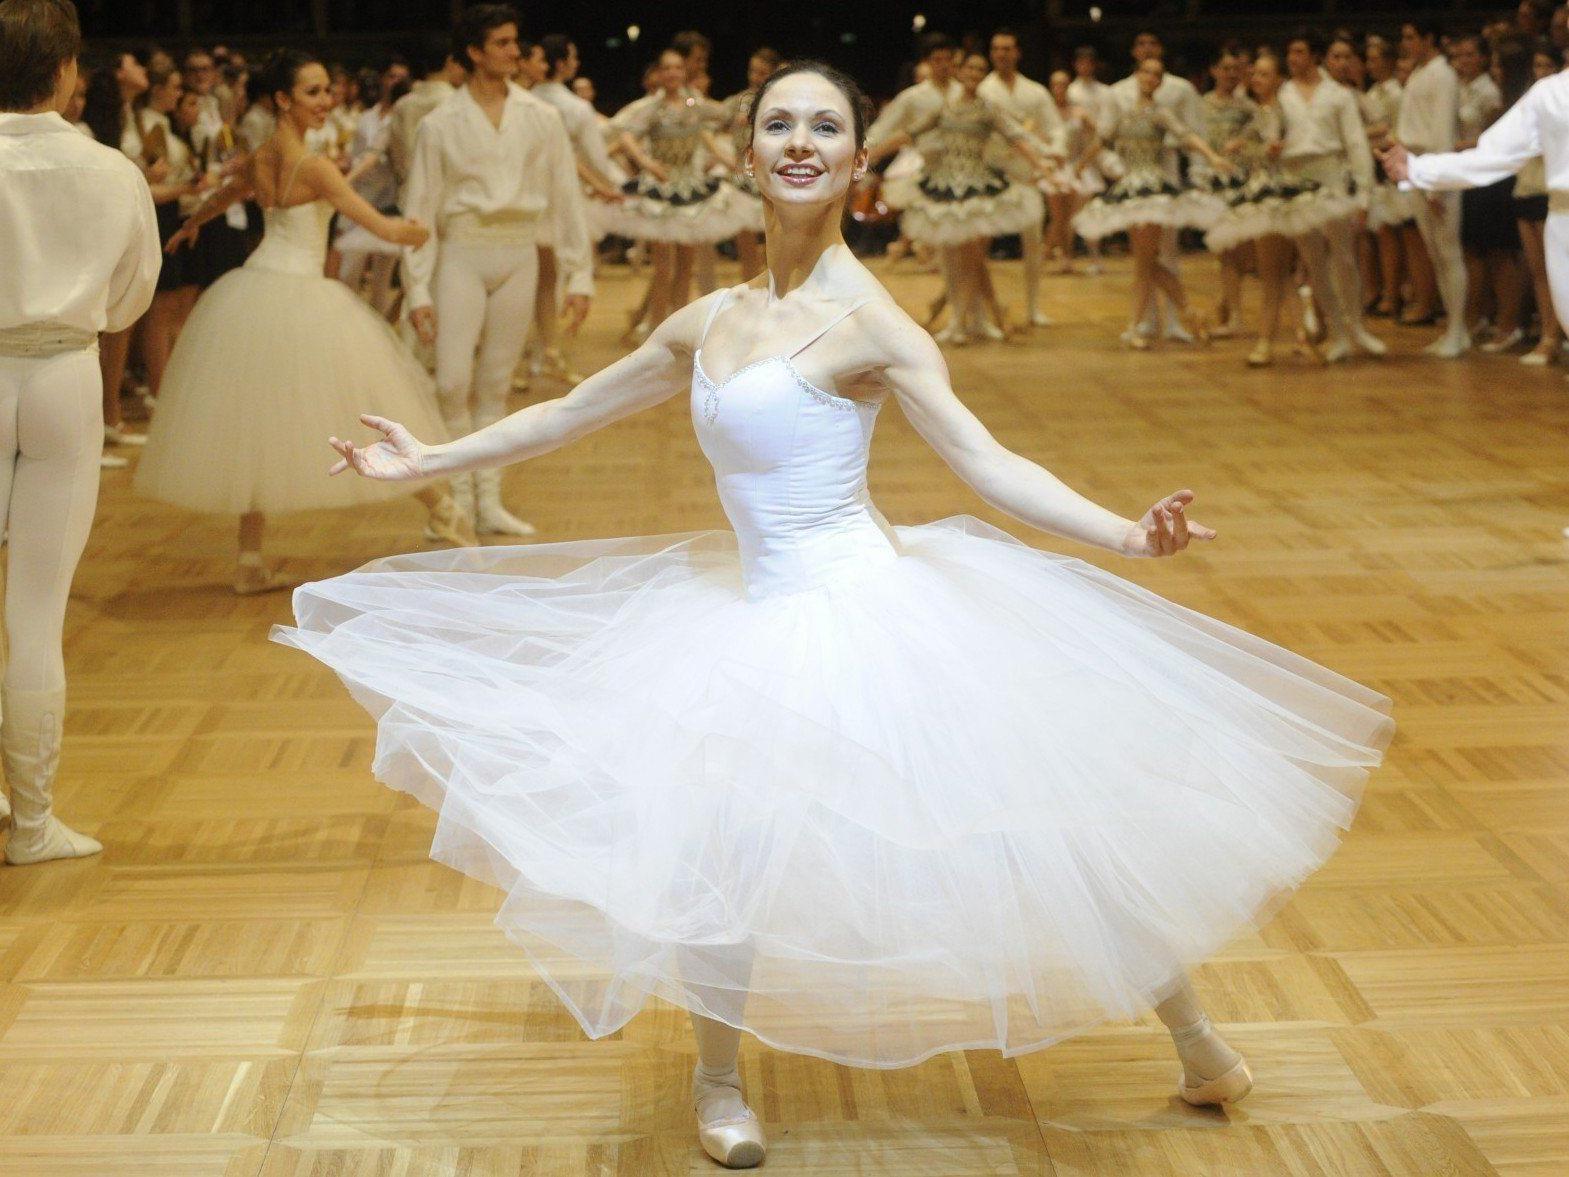 Hier finden Sie alle Bilder zum Opernball 2013.